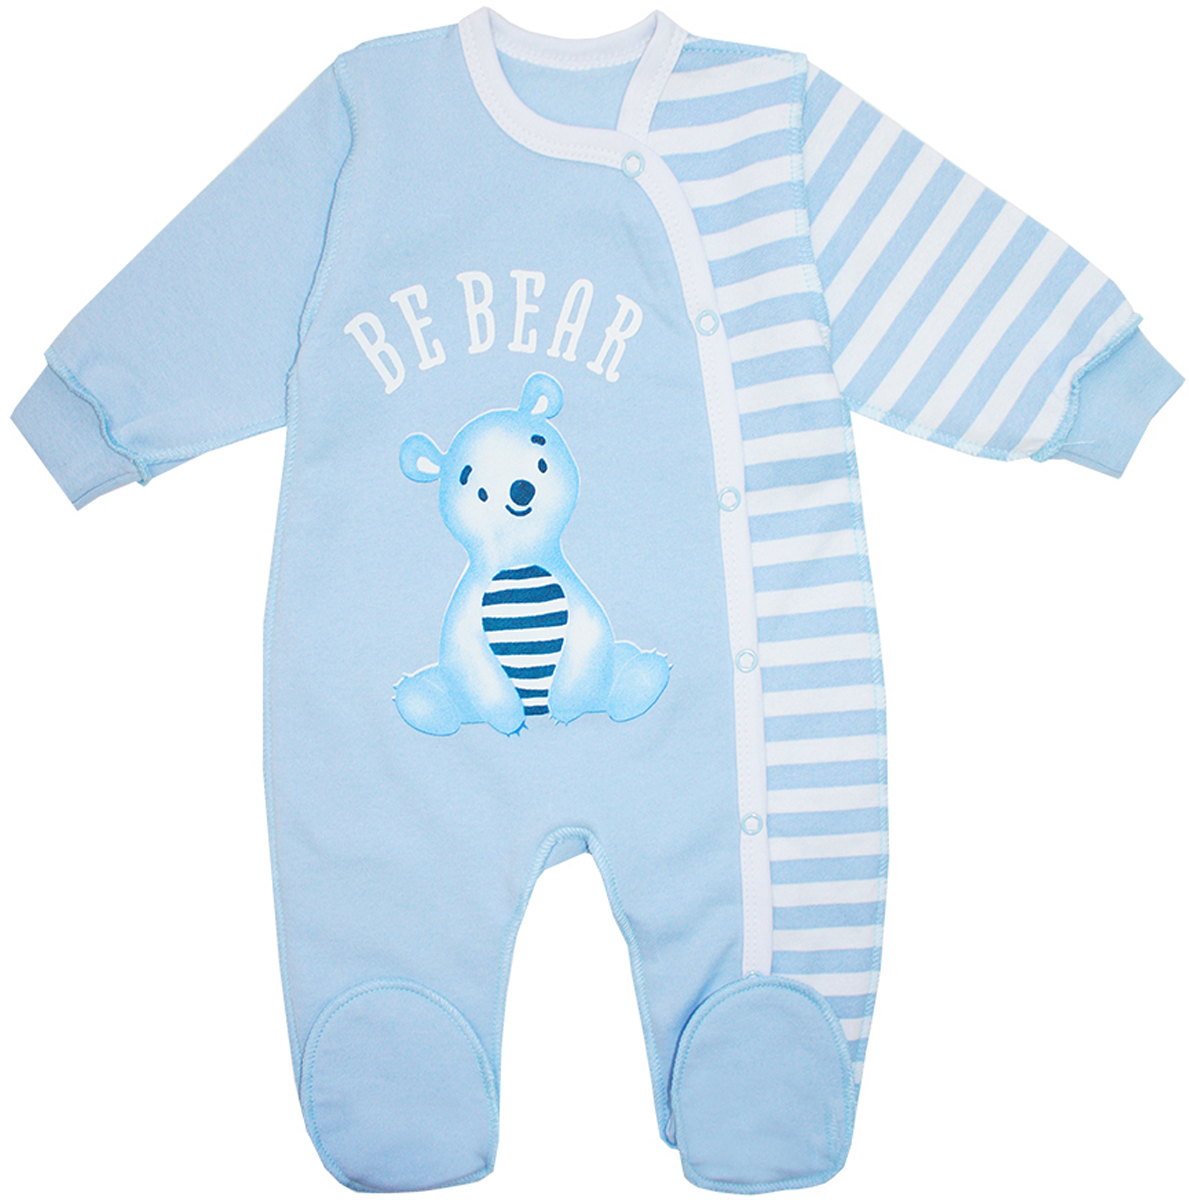 Комбинезон для мальчика КотМарКот Be Bear, цвет: голубой, белый. 6372. Размер 74, 6-9 месяцев6372Комбинезон для мальчика КотМарКот Be Bear выполнен из натурального хлопка. Комбинезон с круглым вырезом горловины, длинными рукавами и закрытыми ножками имеет застежки-кнопки спереди от горловины до низа брючины, которые помогают легко переодеть младенца или сменить подгузник. Рукава дополнены эластичными манжетами. Изделие оформлено принтом с изображением мишки.